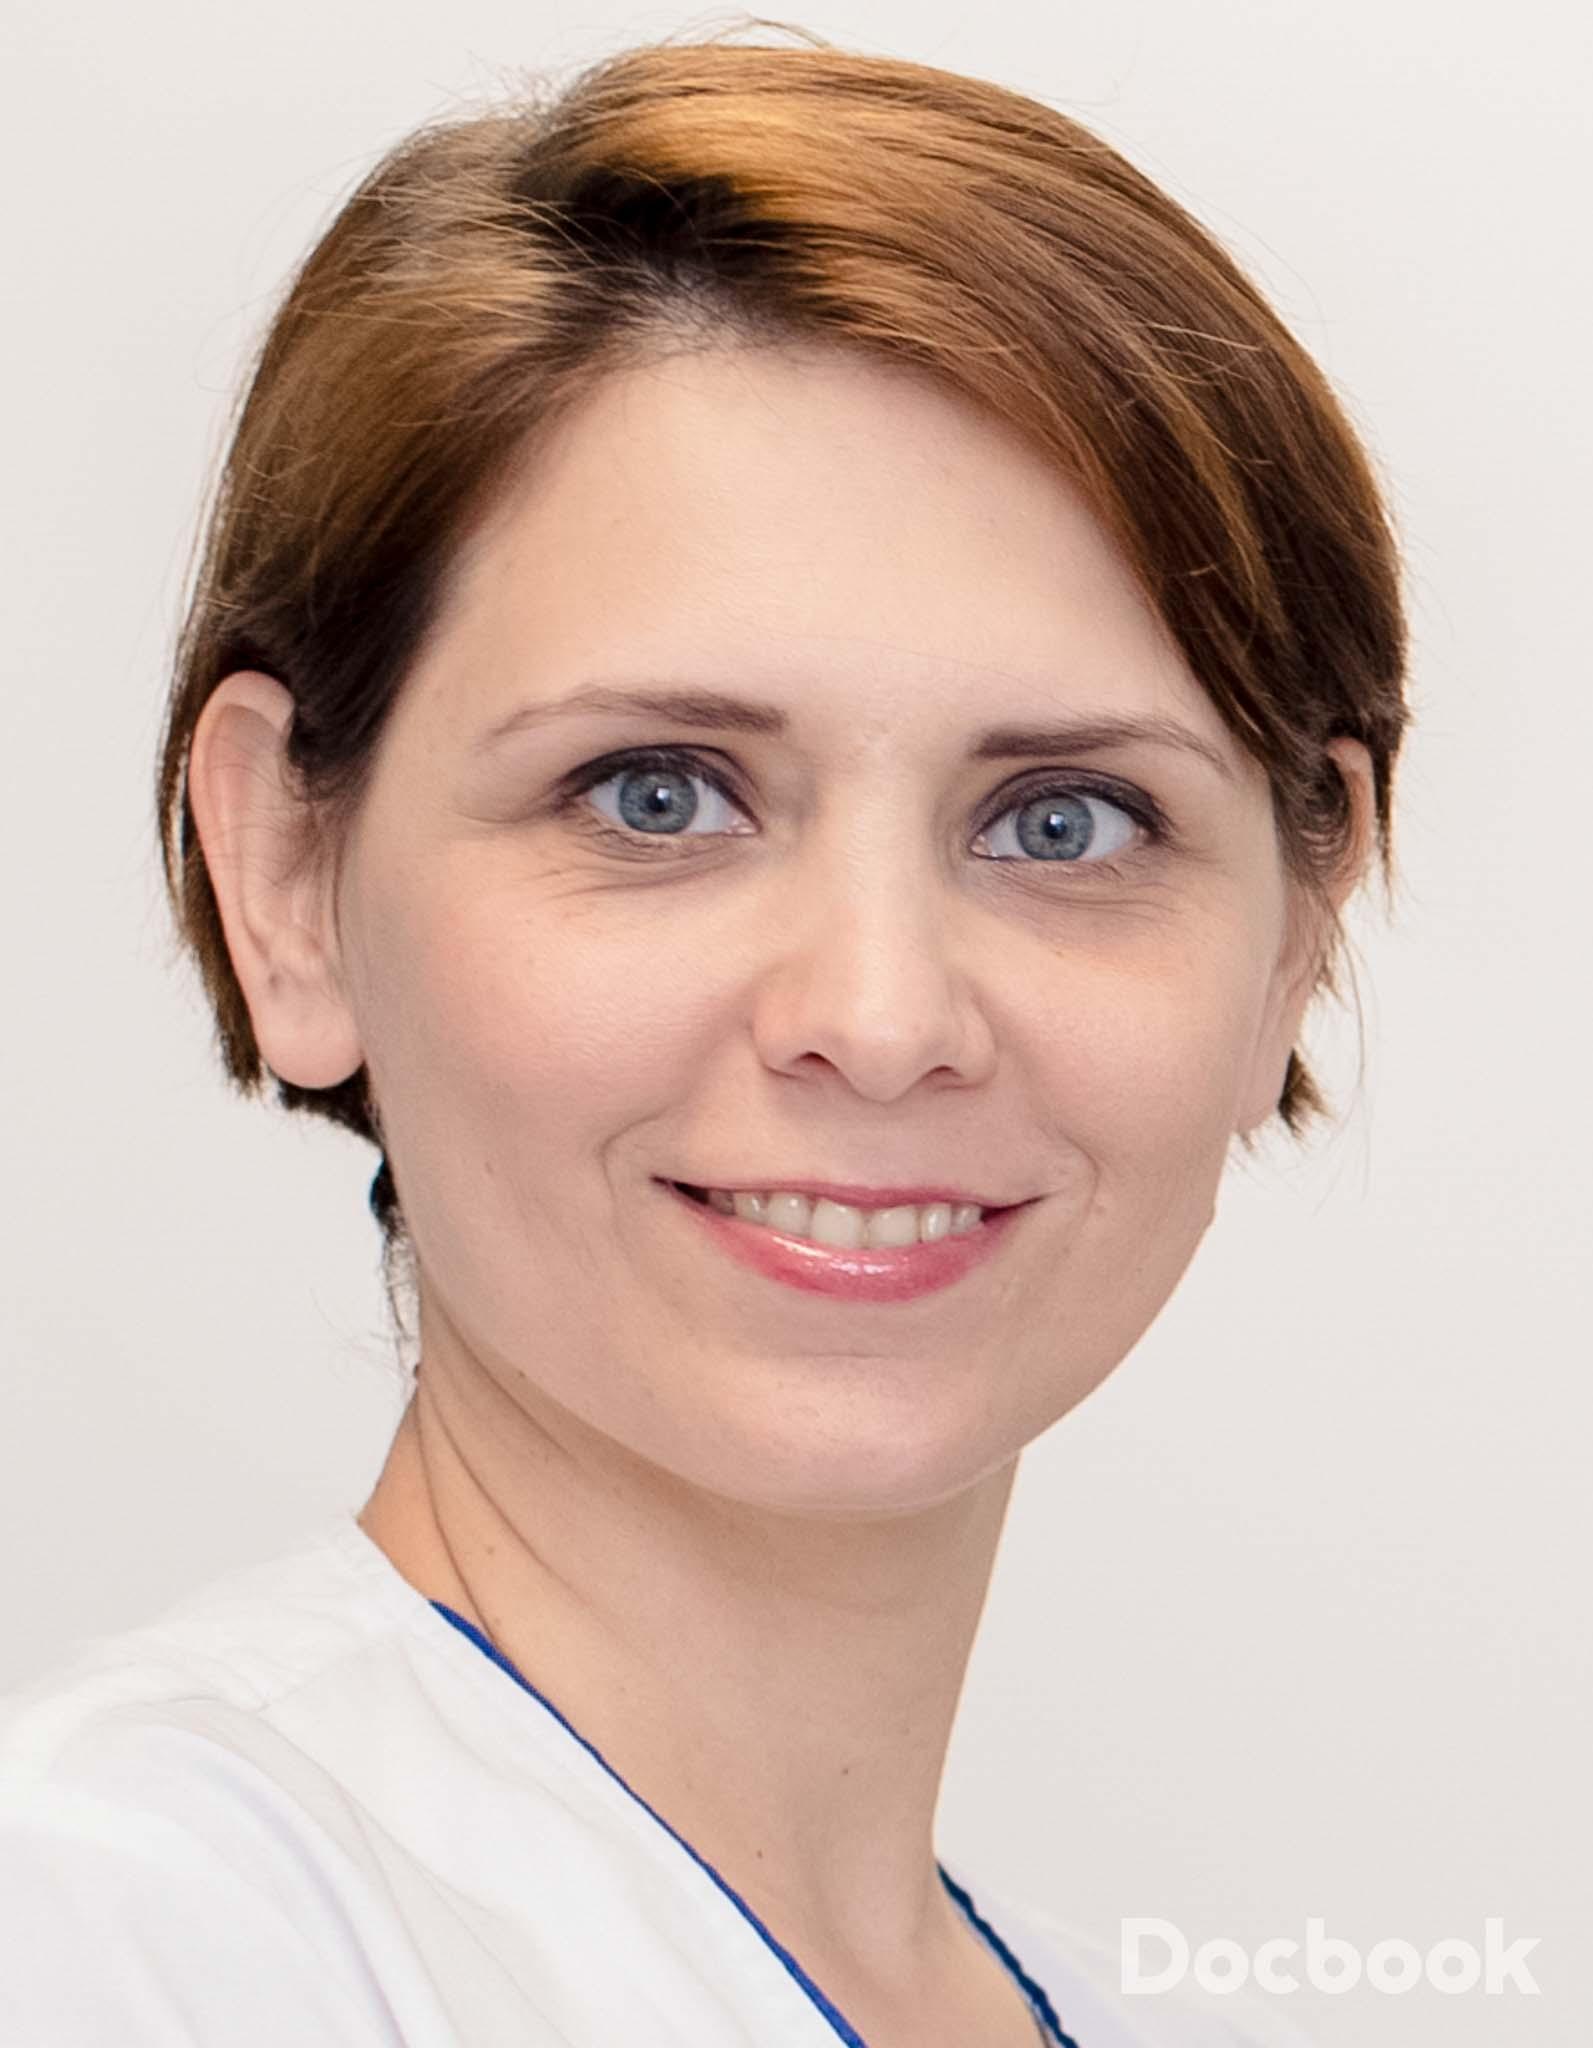 Dr. Ana-Maria Bota